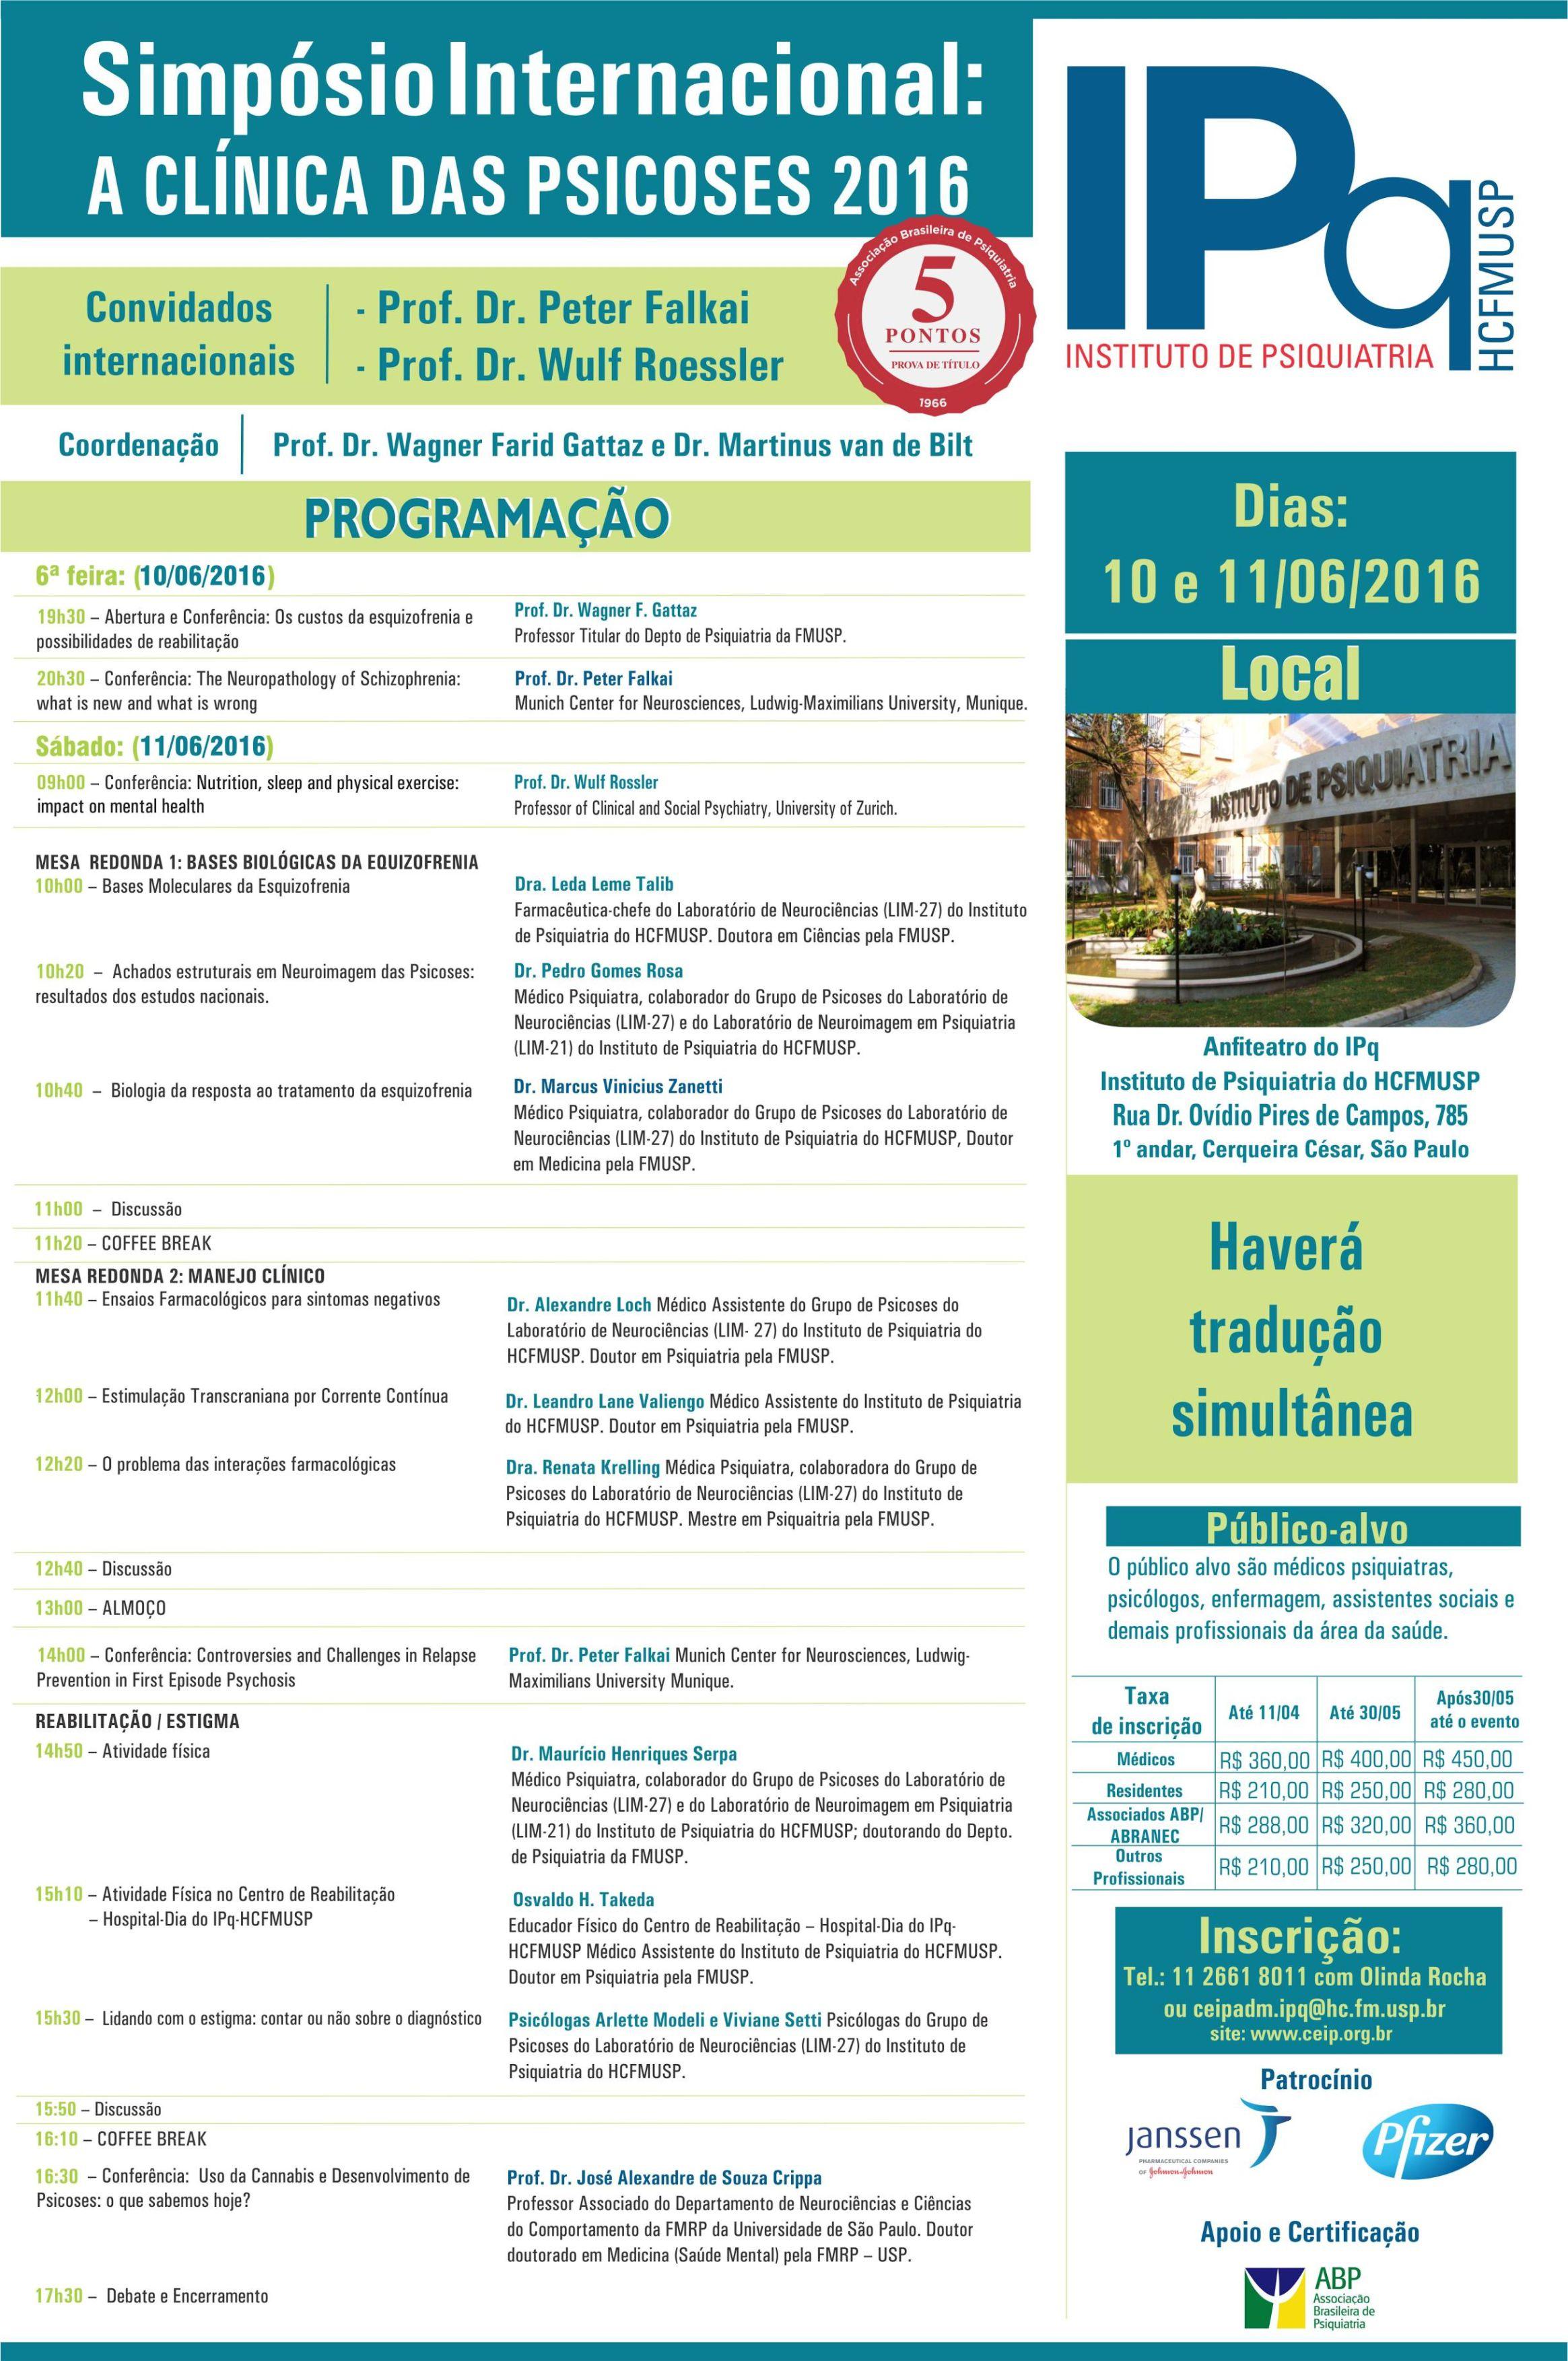 Simpósio Internacional: A Clínica das Psicoses Dias 10 e 11 de Junho 2016 - IPq - HCFMUSP